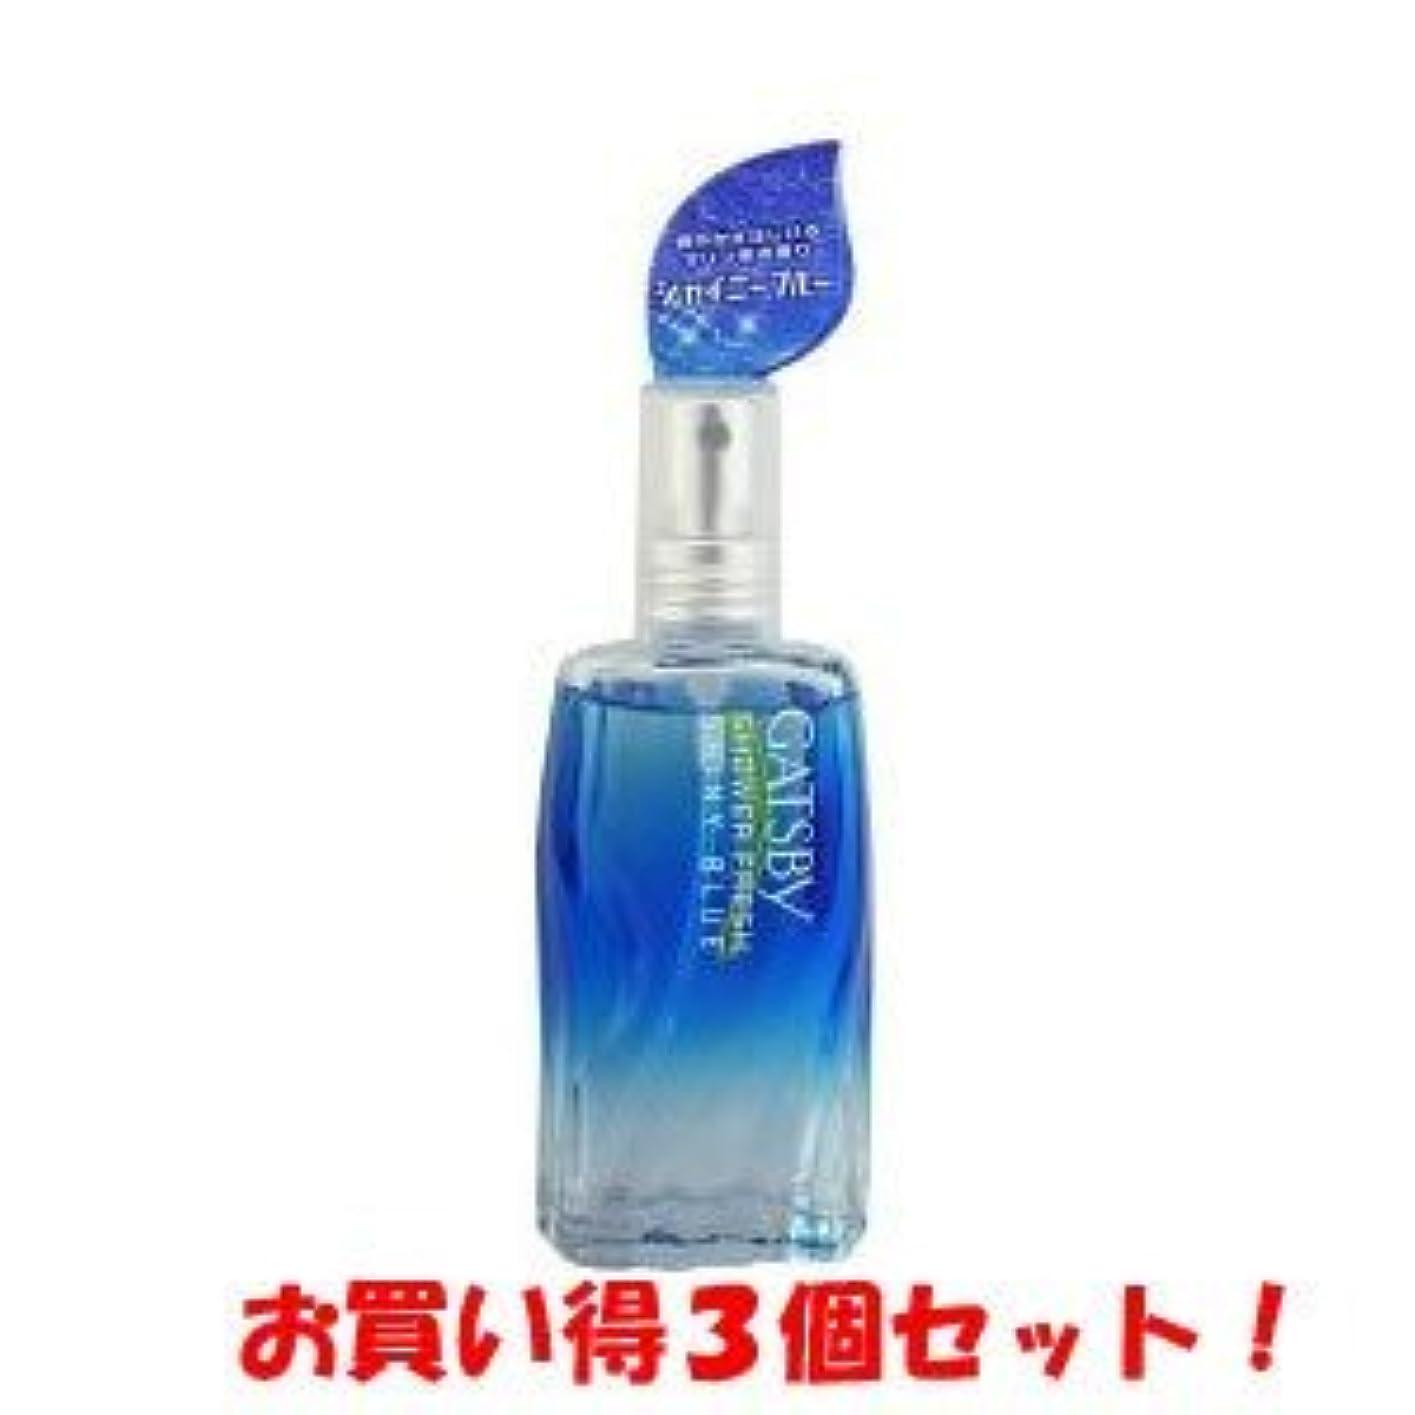 ヘクタールブラウズモンスターギャツビー【GATSBY】シャワーフレッシュ シャイニーブルー 60ml(お買い得3個セット)